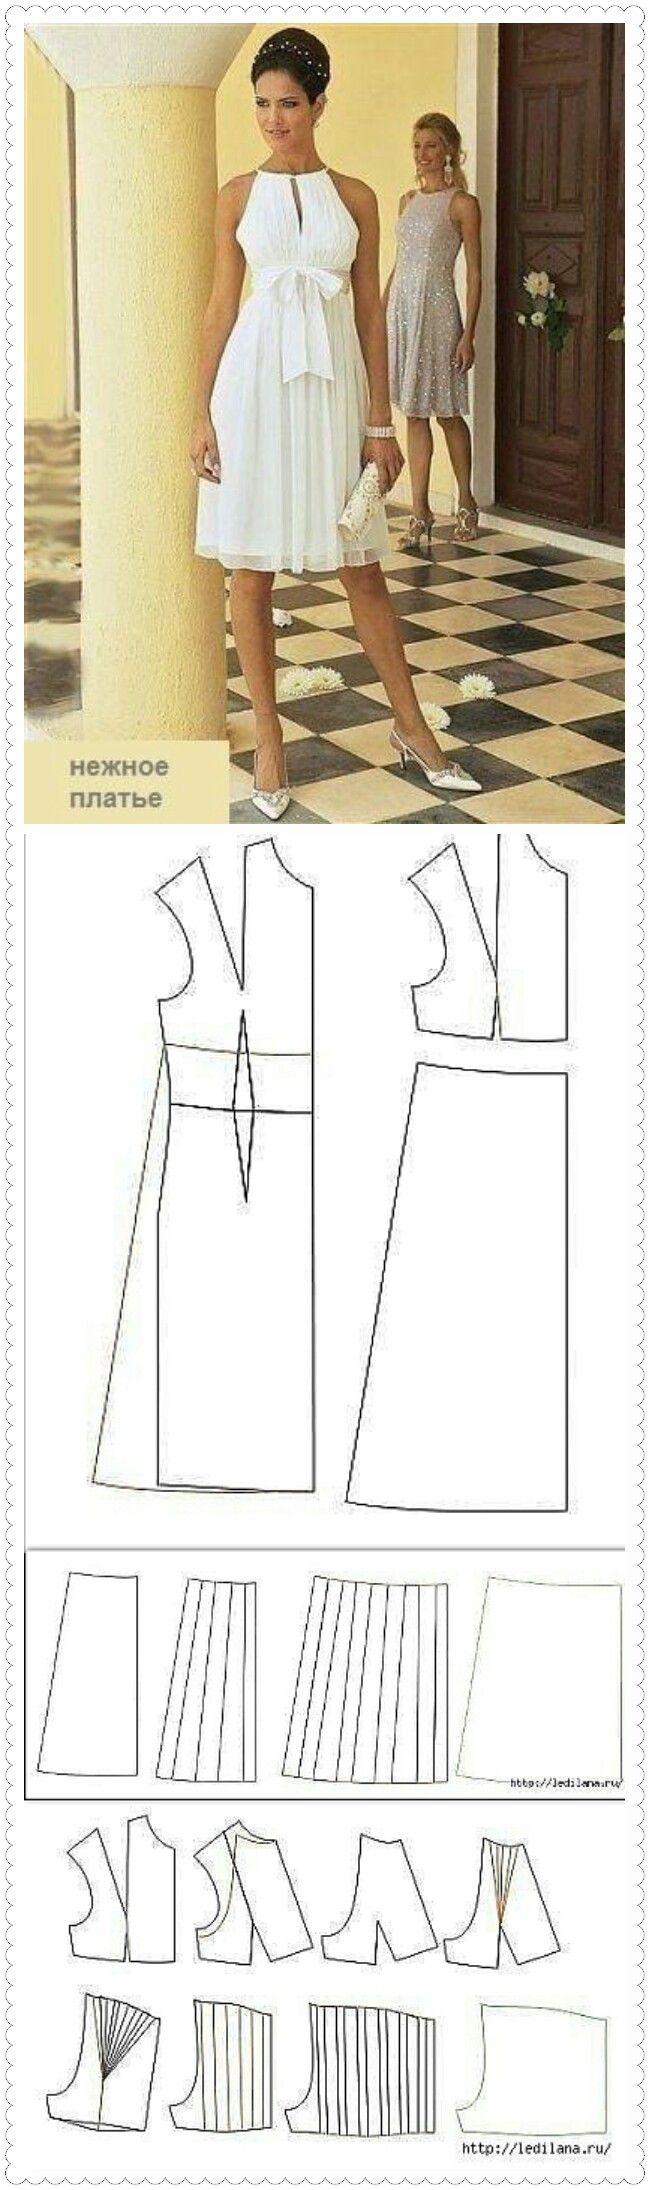 Совет 1: Как научиться шить платье 23